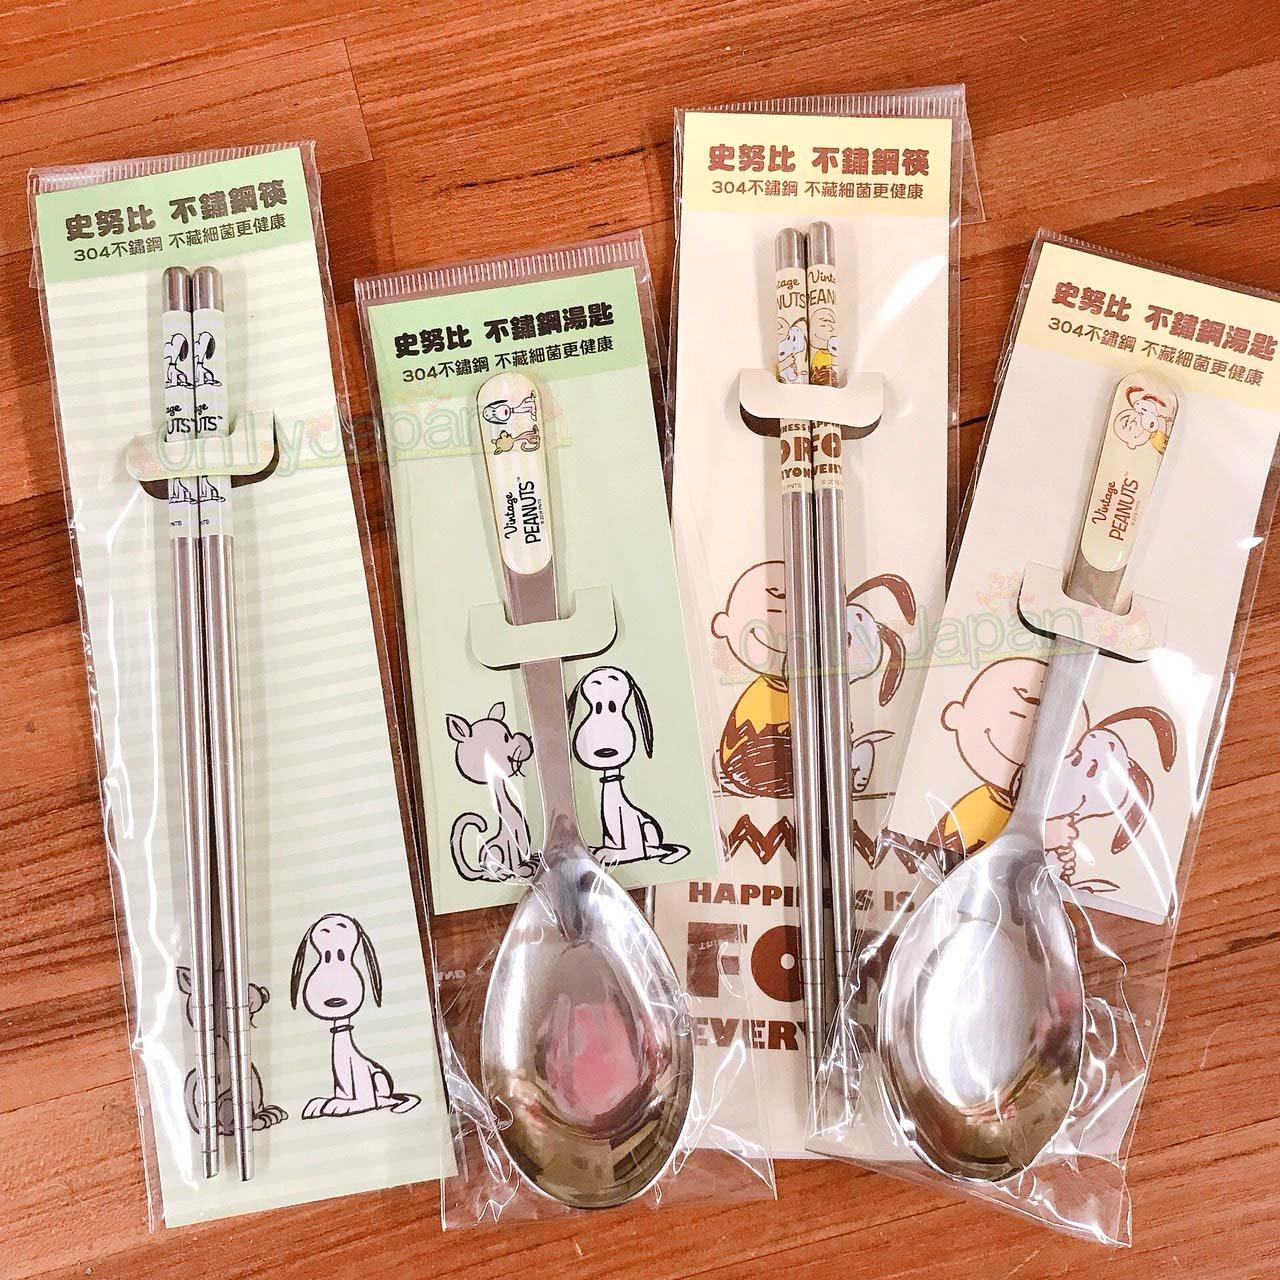 【真愛日本】不鏽鋼 湯匙 筷子 史努比snoopy 筷子 湯匙 不鏽鋼餐具 環保餐具 環保筷